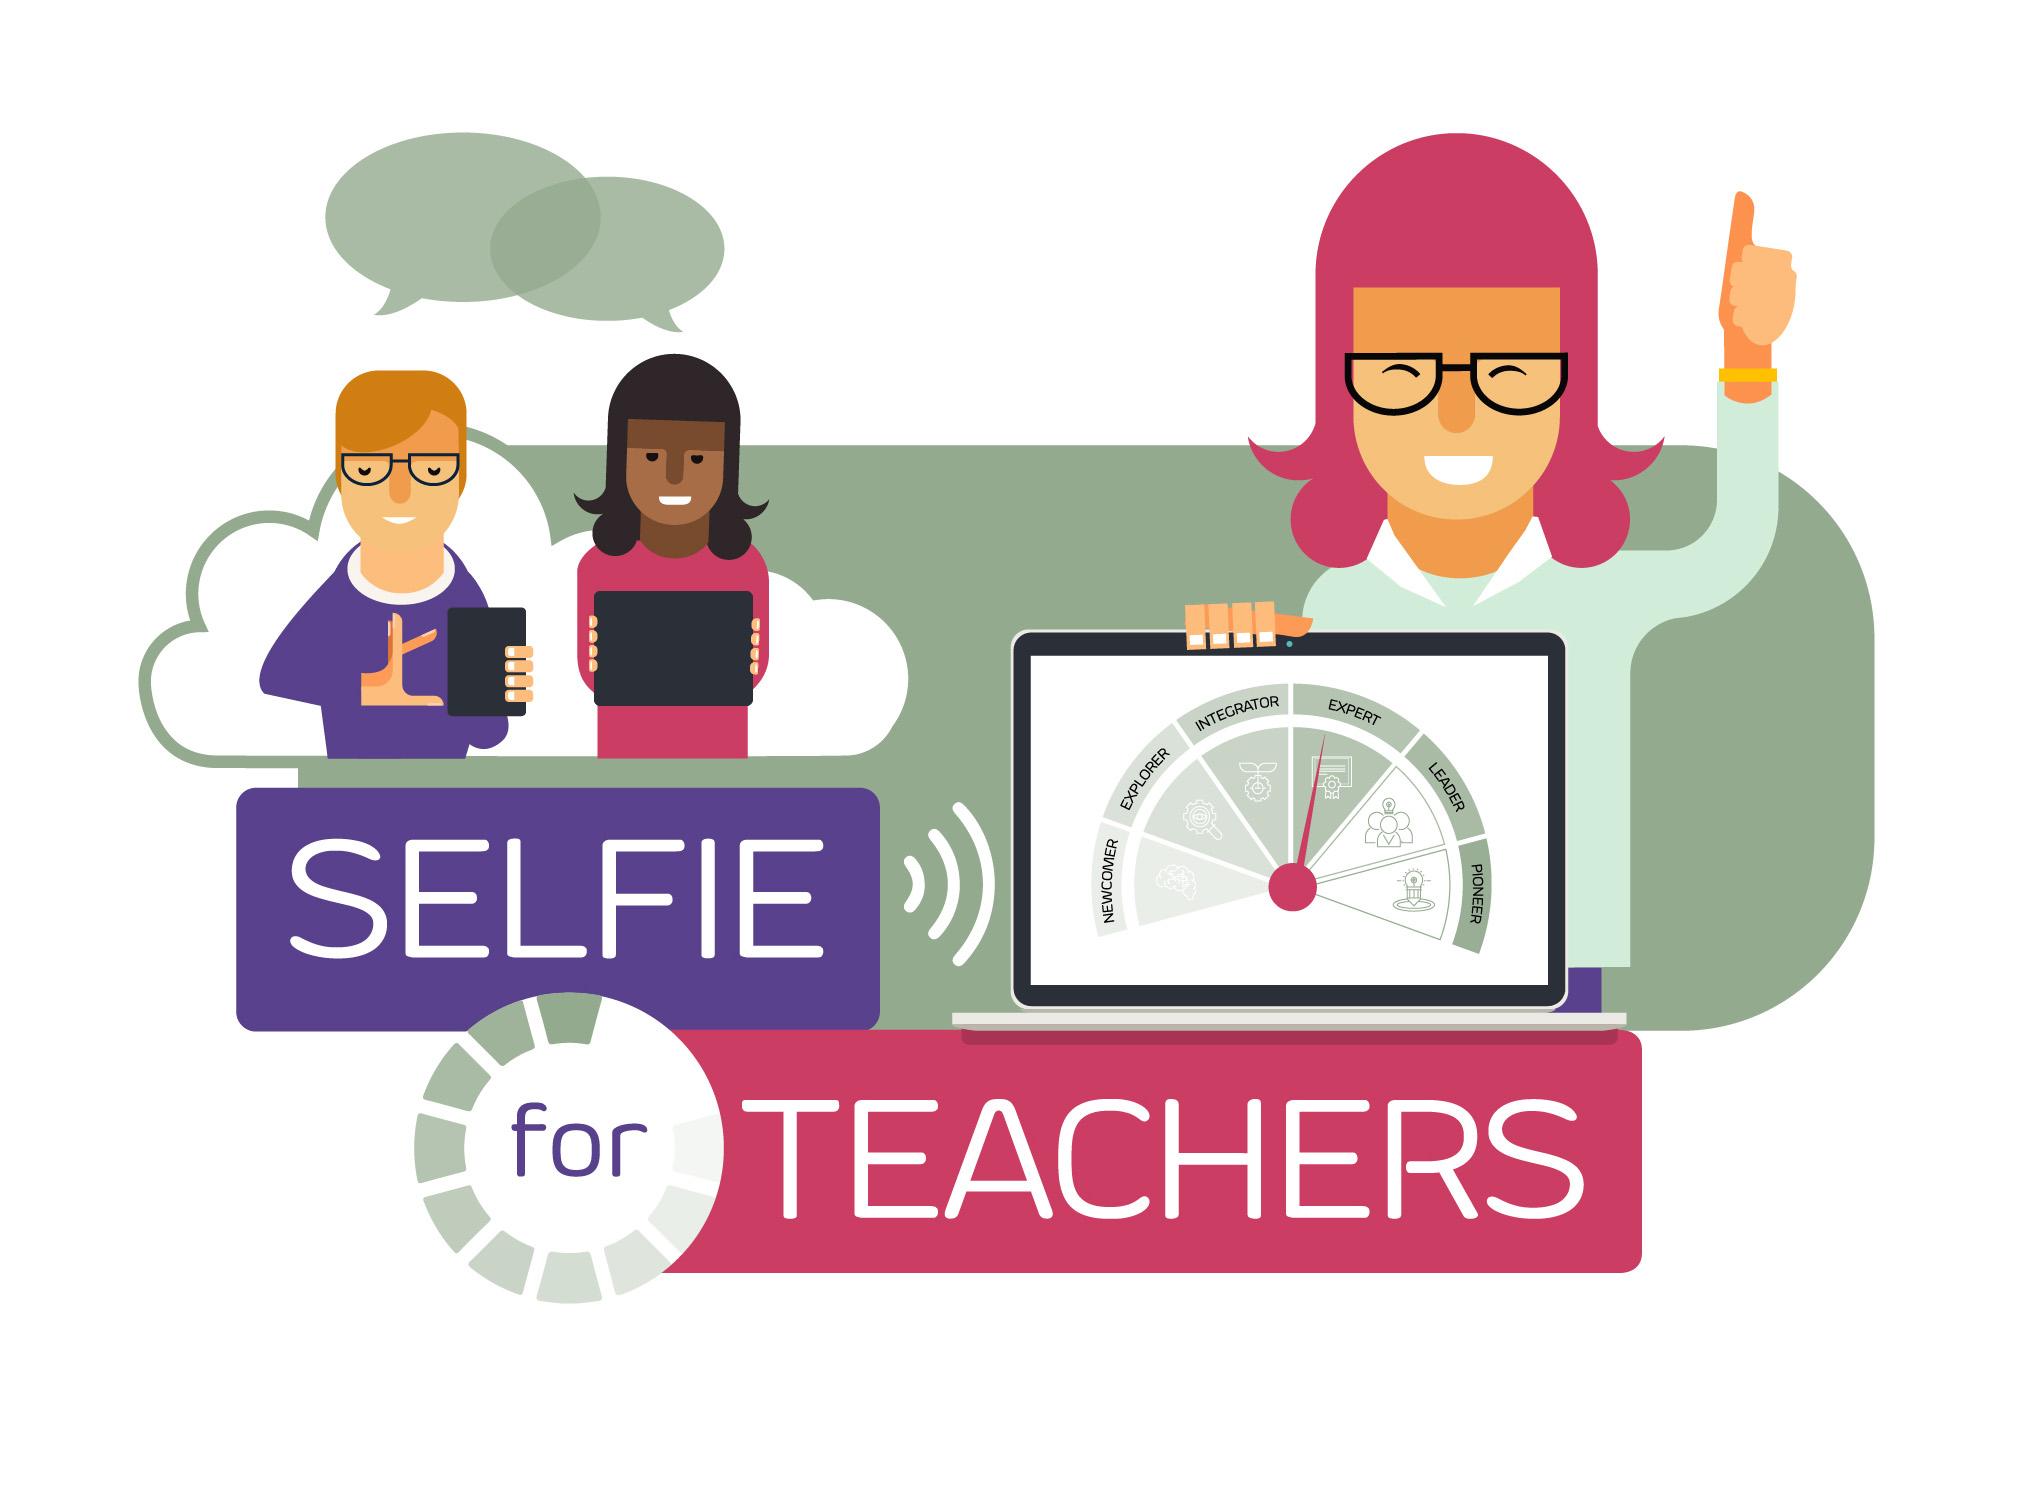 Tecnologie digitali: la Commissione europea lancia uno strumento per aiutare gli insegnanti